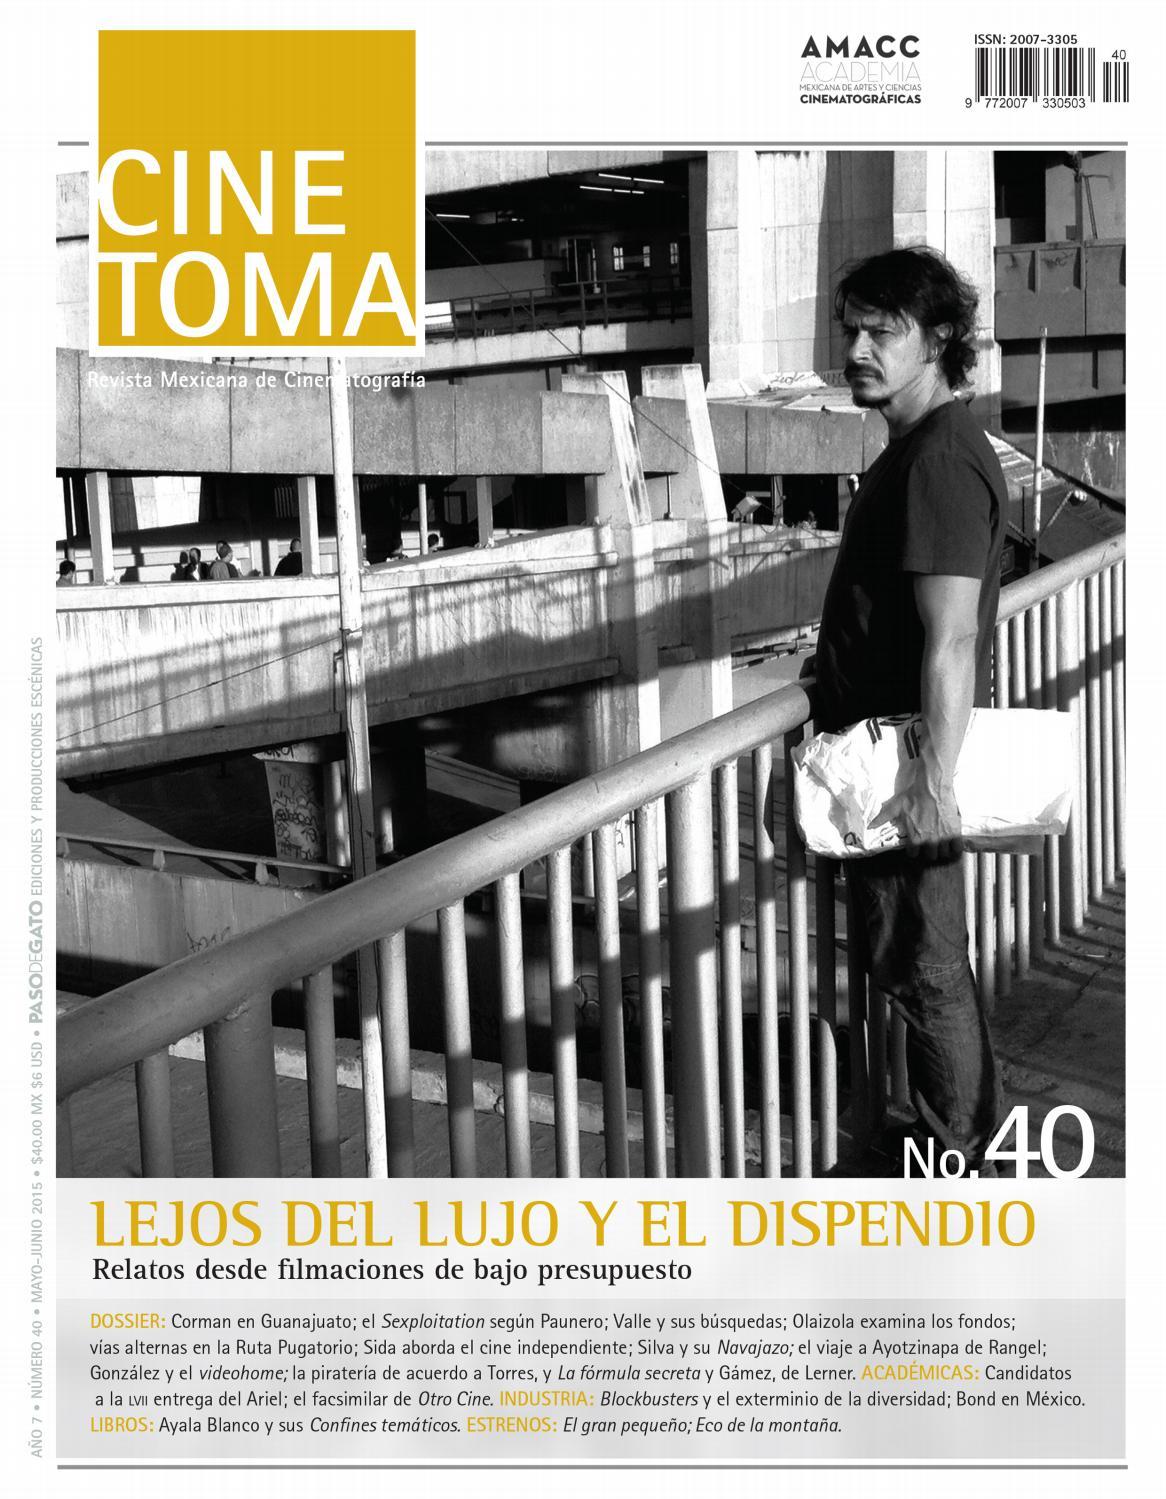 Actriz Porno De Los Remedios Sevilla cine toma #40paso de gato - issuu